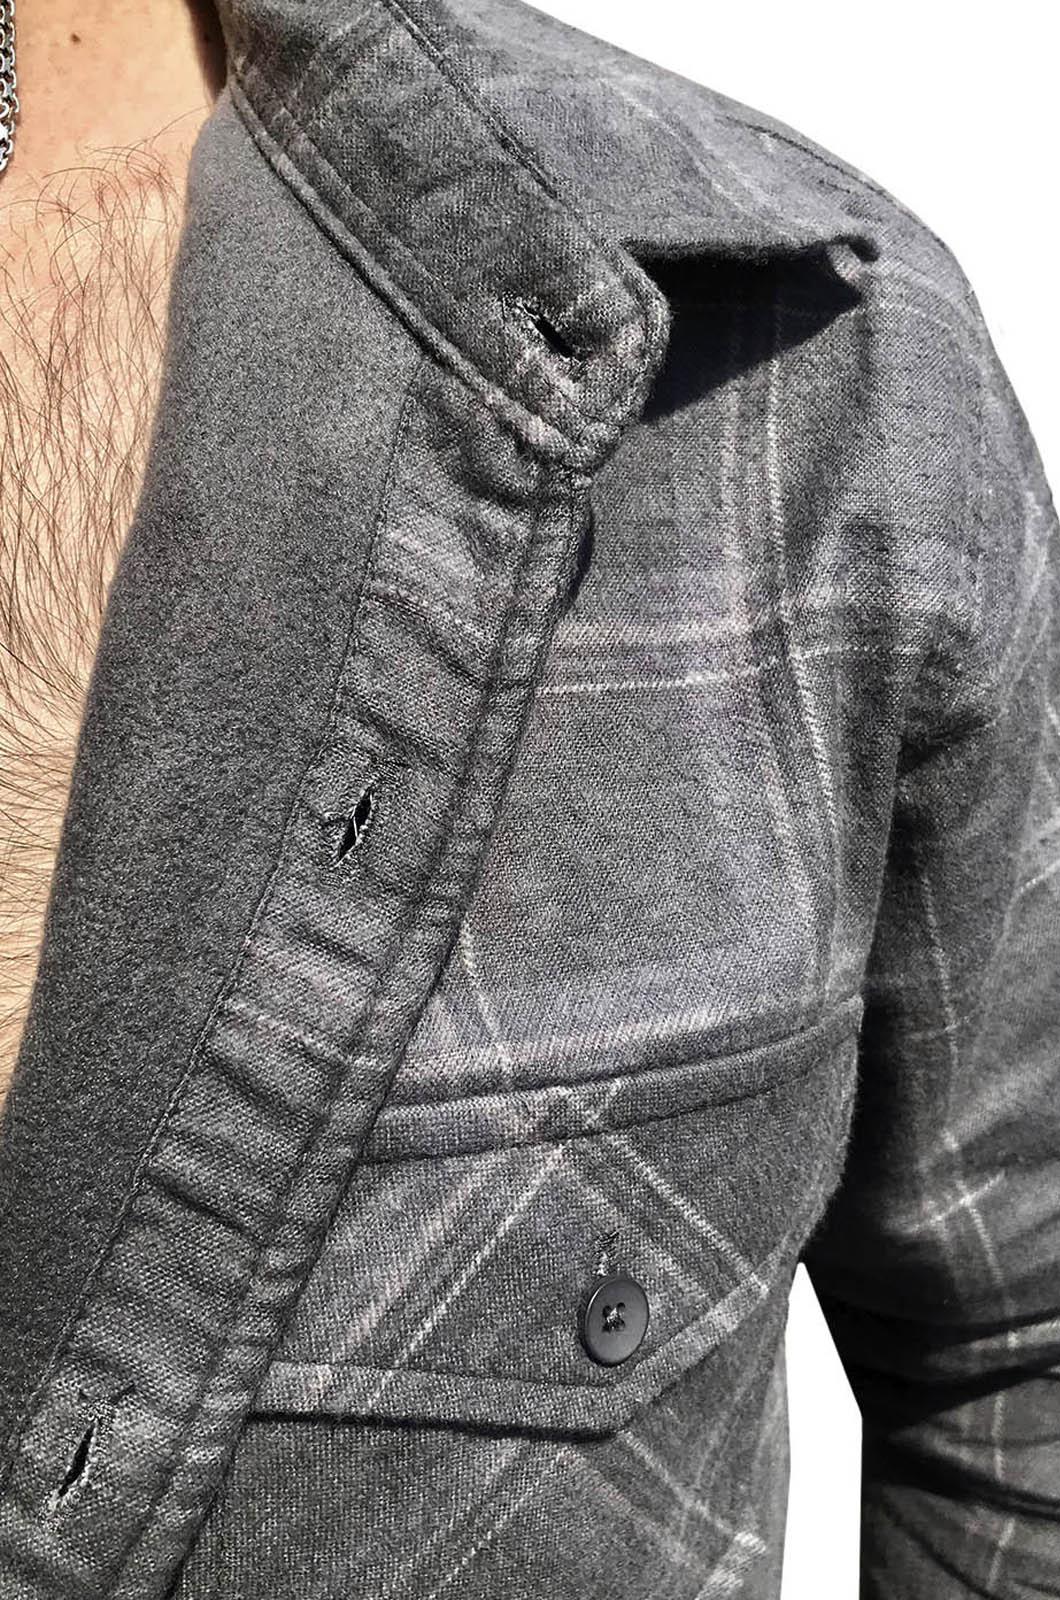 Строгая клетчатая рубашка с вышитым шевроном Армения - купить по низкой цене